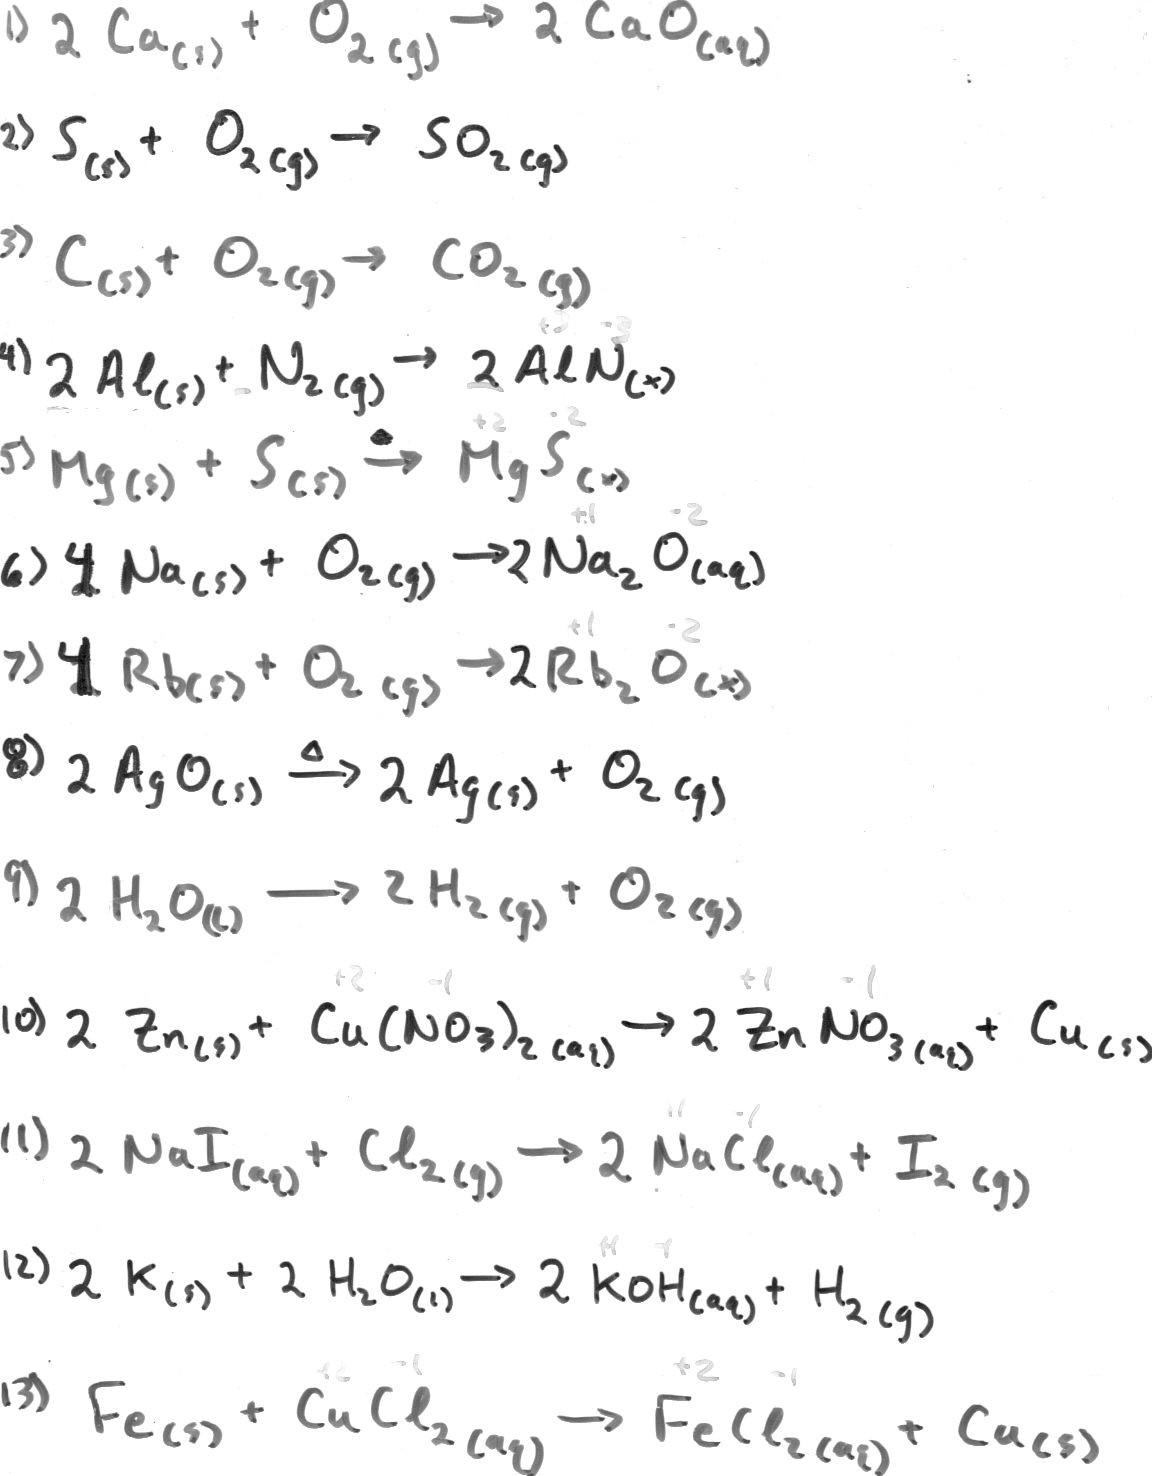 Worksheet Balancing Equations Answers